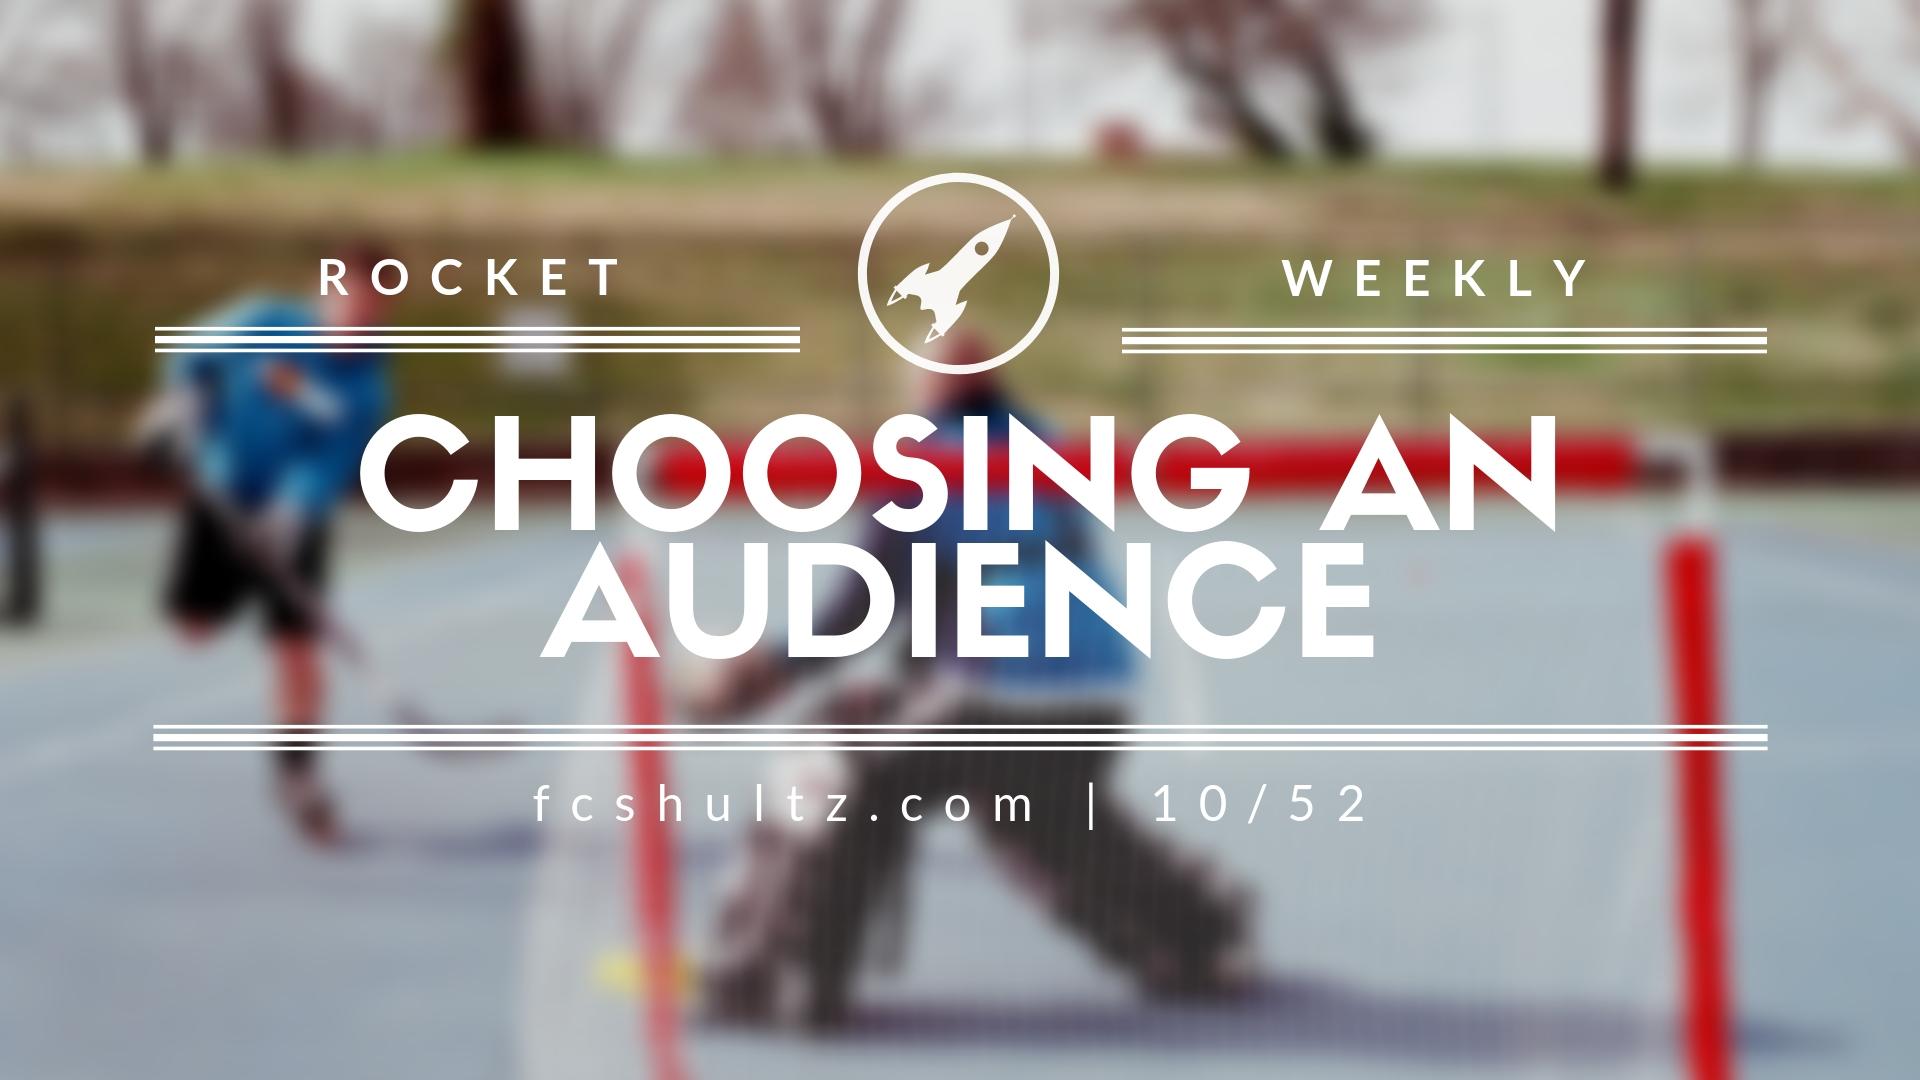 10%2F52 Choosing an audience..jpg